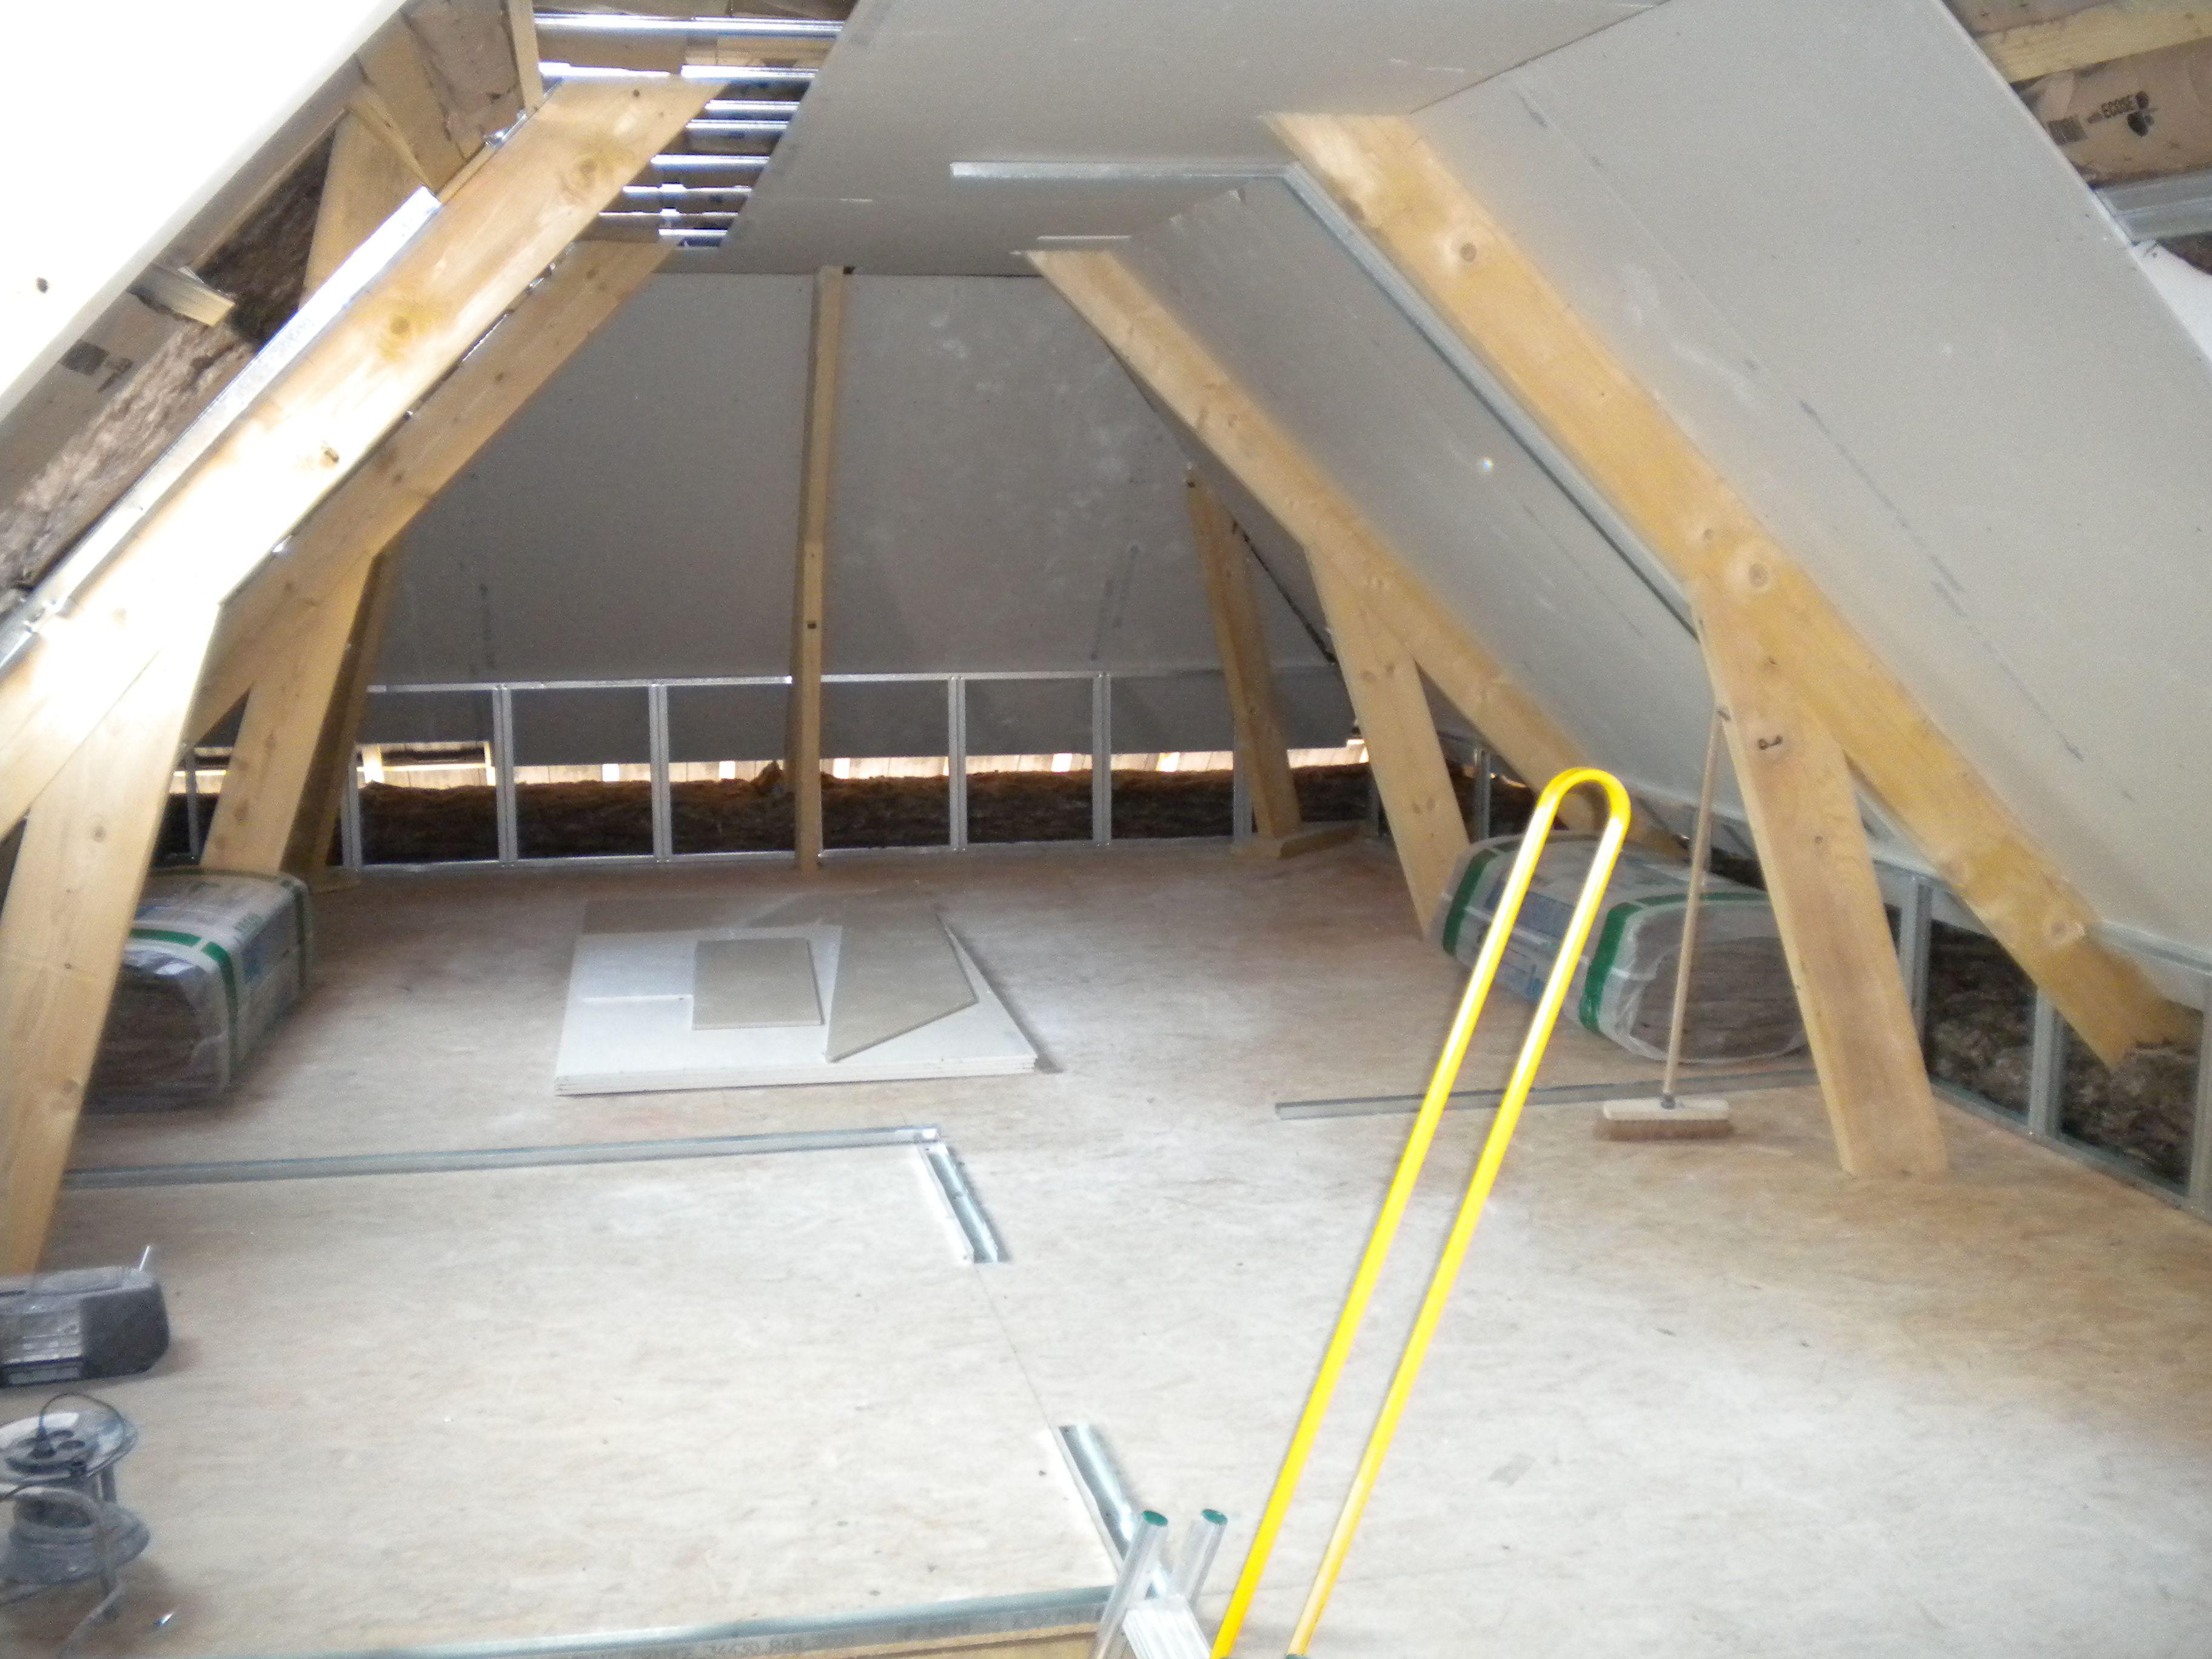 Comment poser du placo dans des combles maison design for Pose de rail placo dans les combles